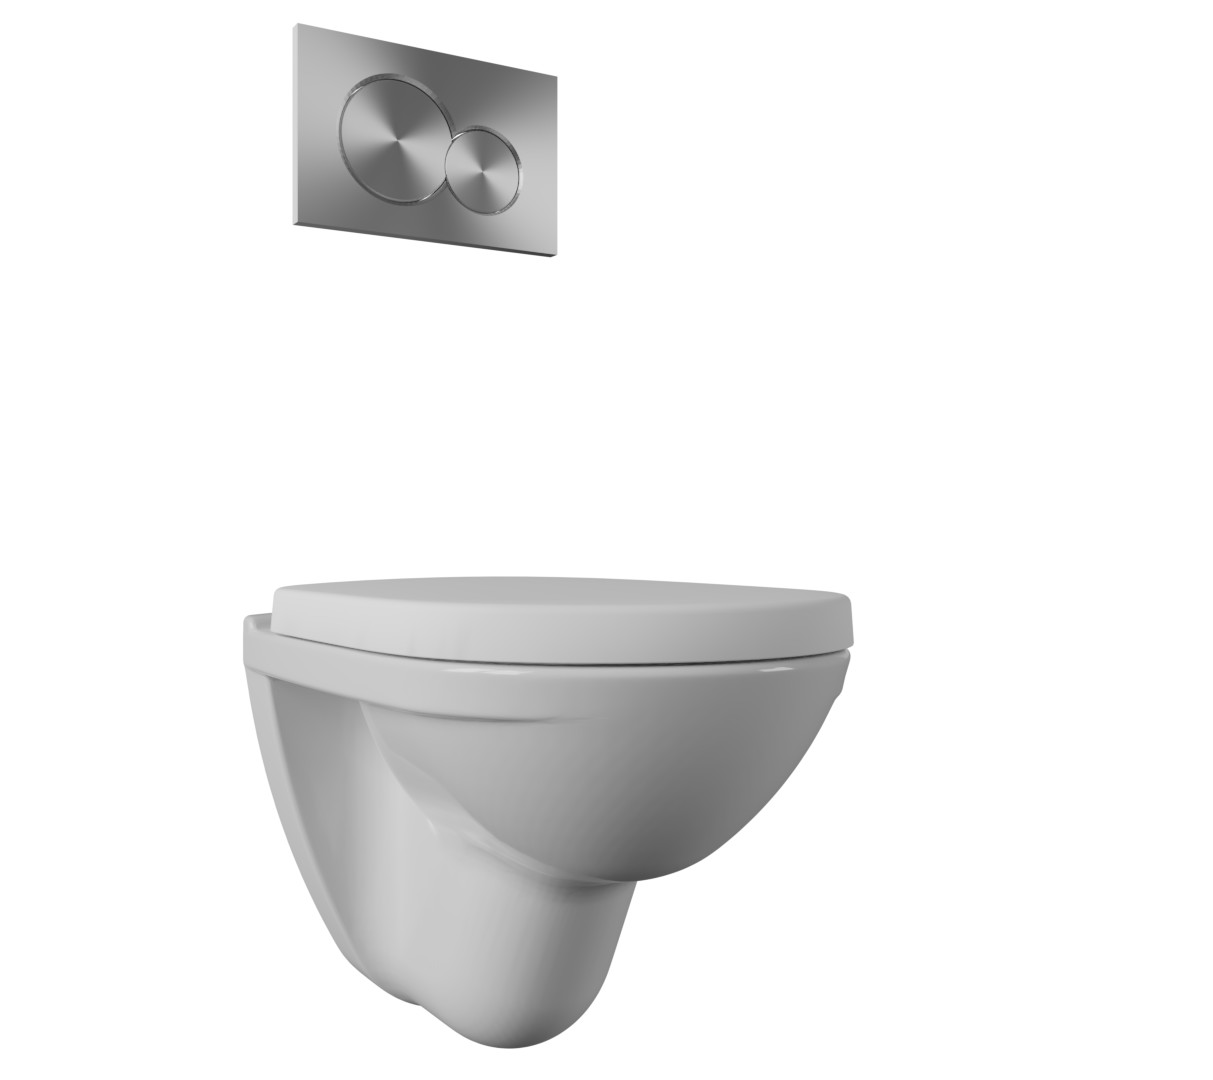 Toilet scenes